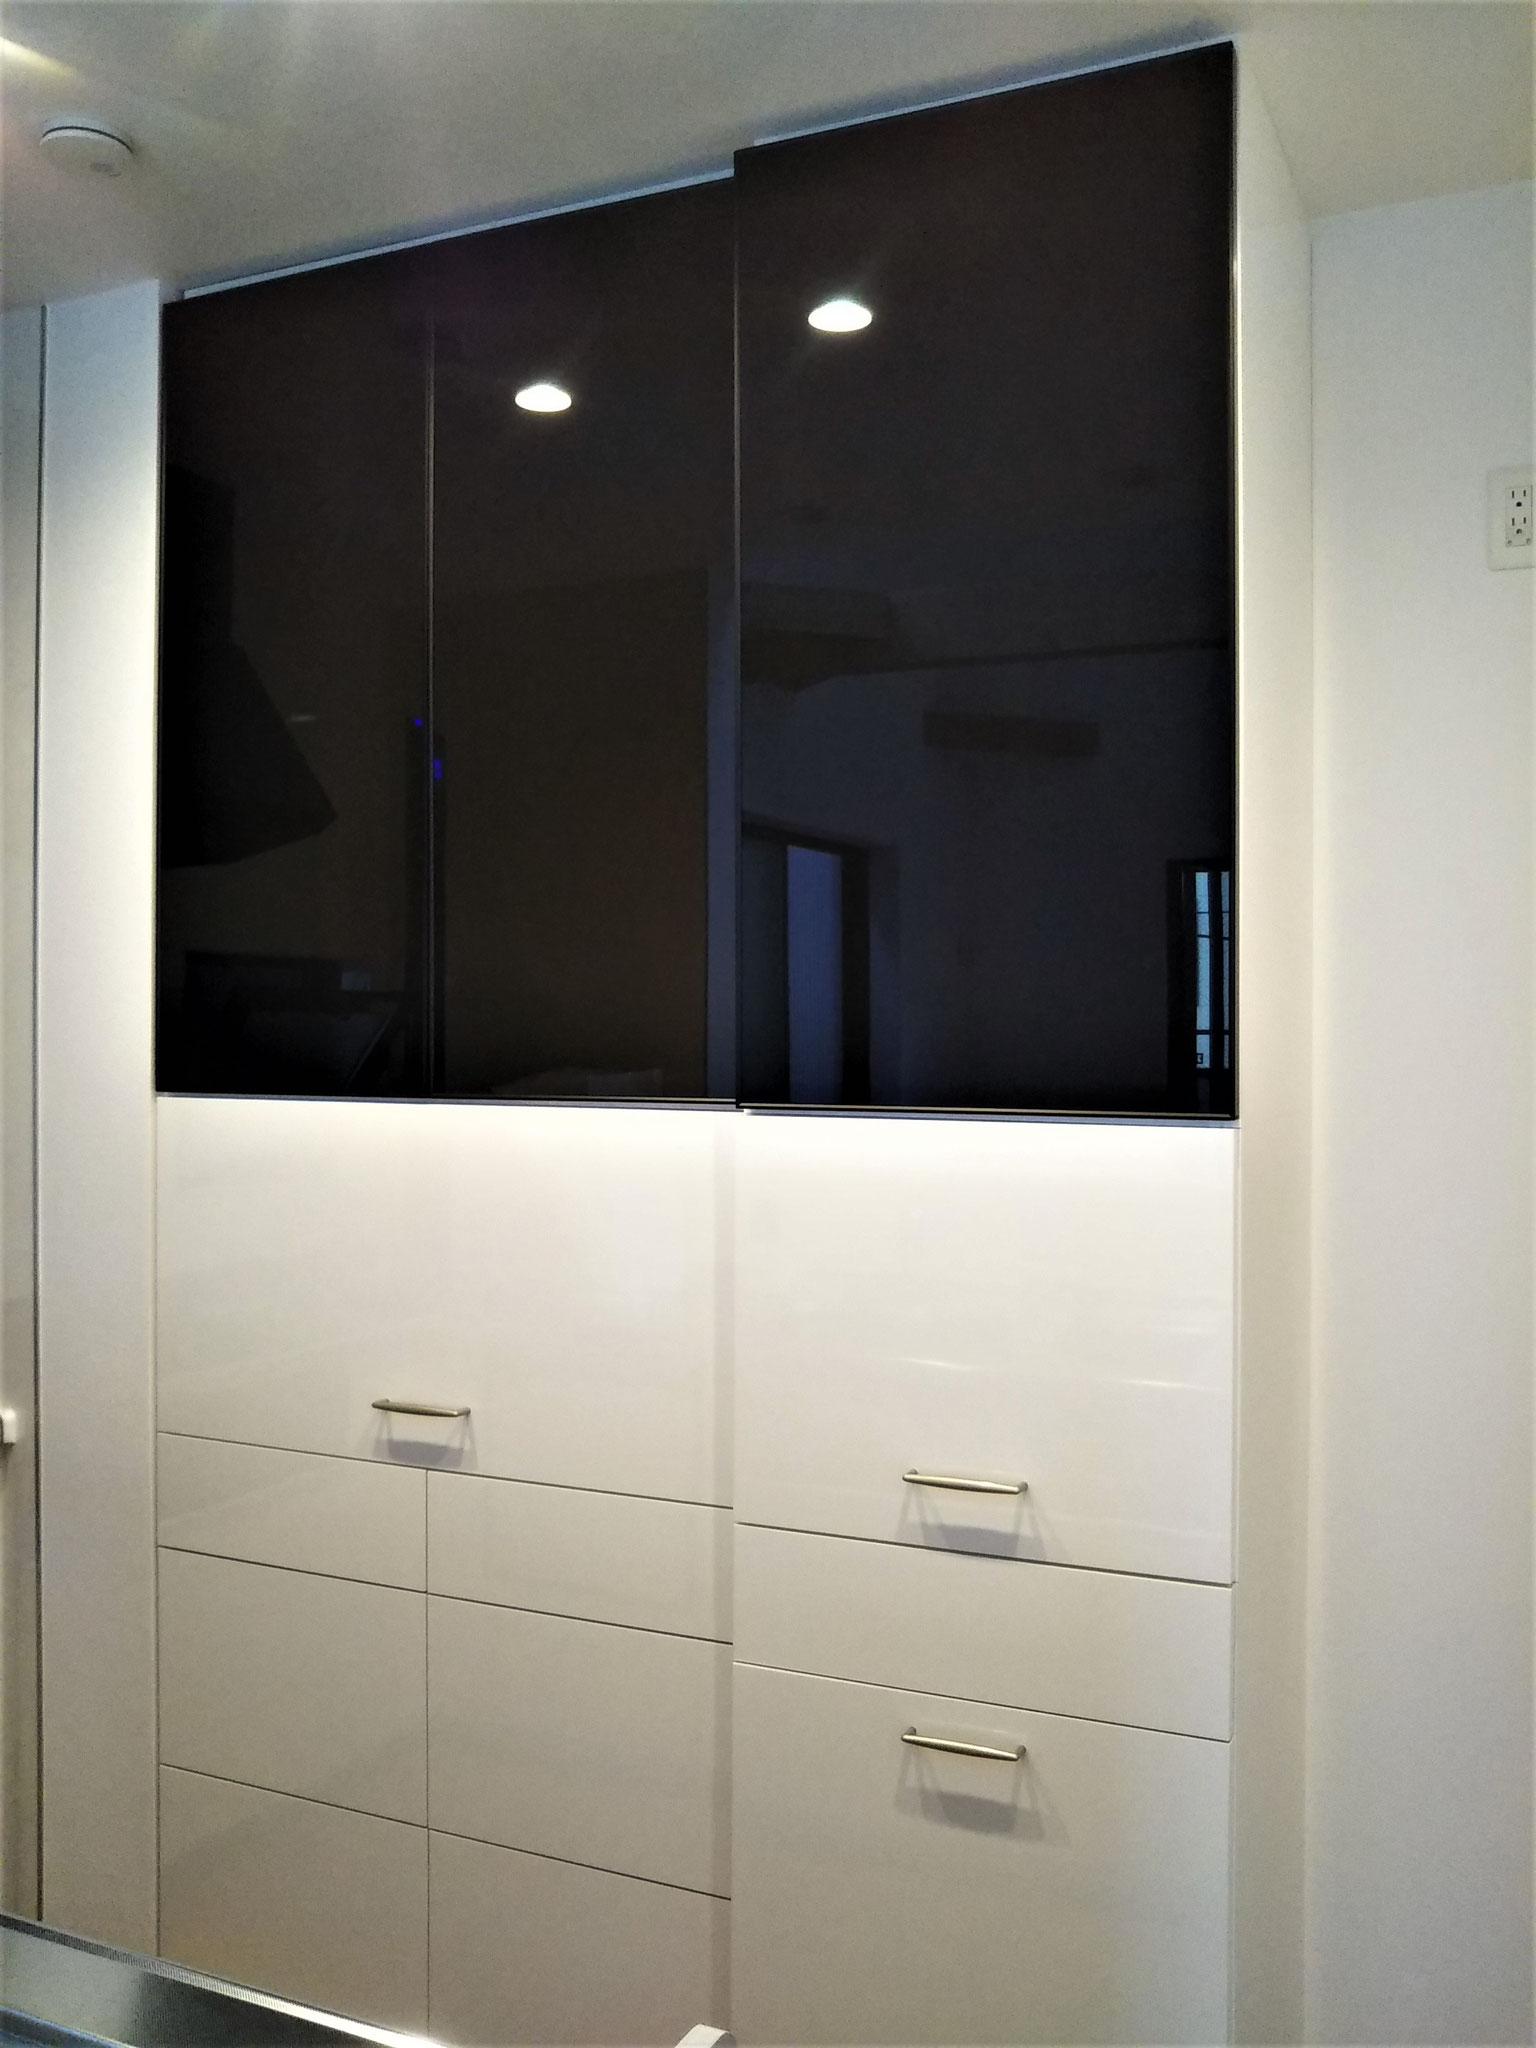 キッチン収納 カップボード ブラックガラス デザイン家具